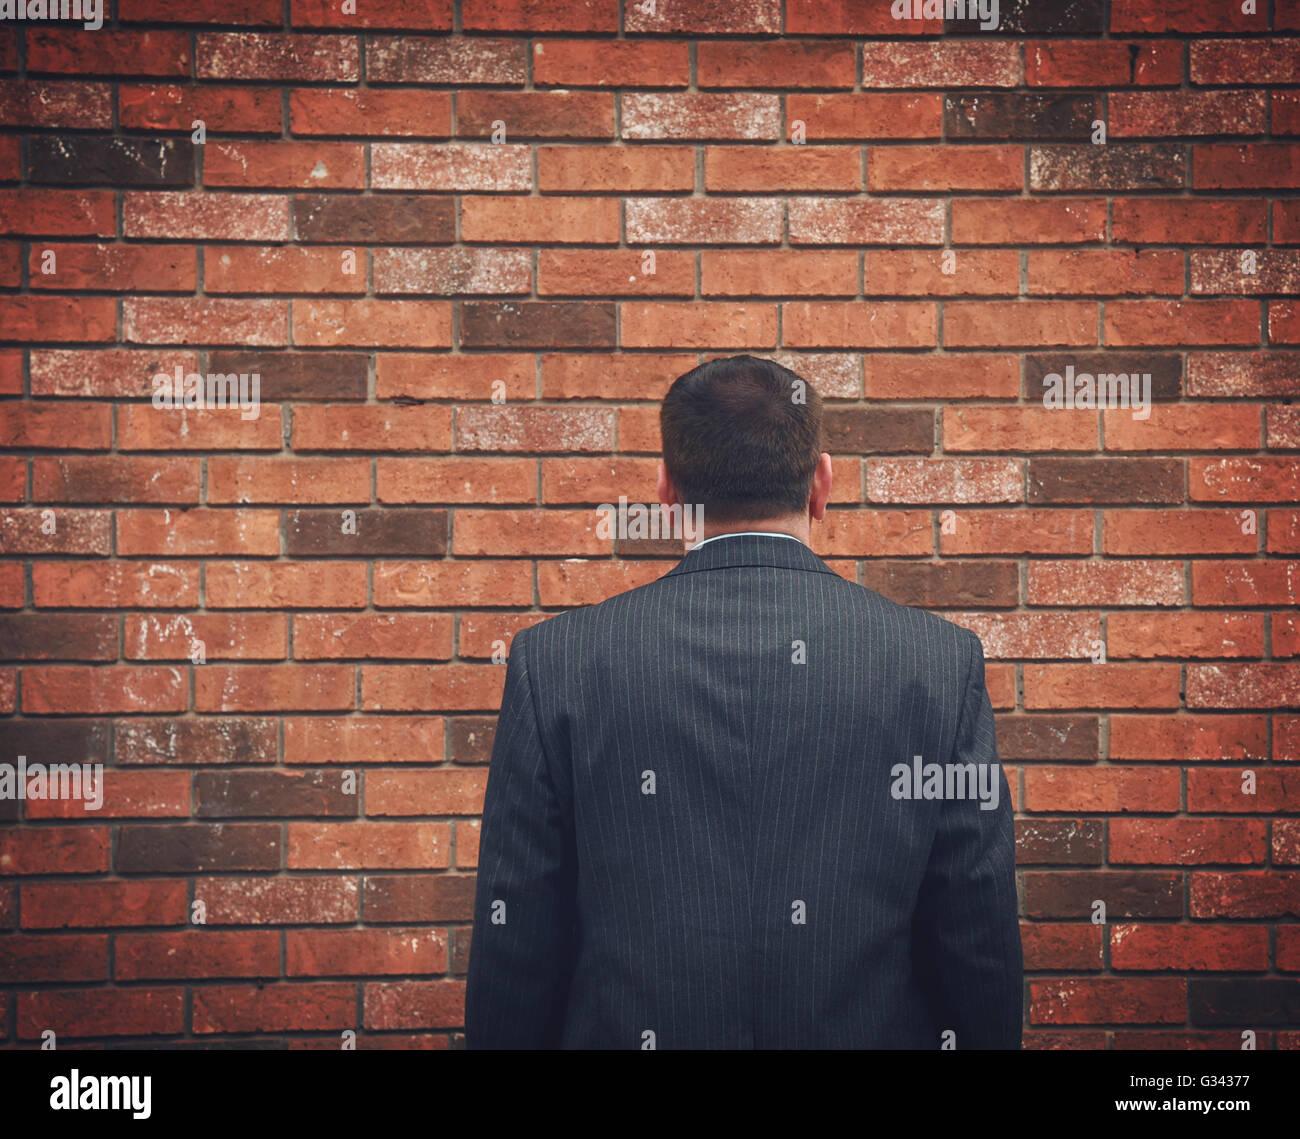 Un homme d'affaires a le dos tourné et à la recherche à un mur de briques. Peut représenter Photo Stock